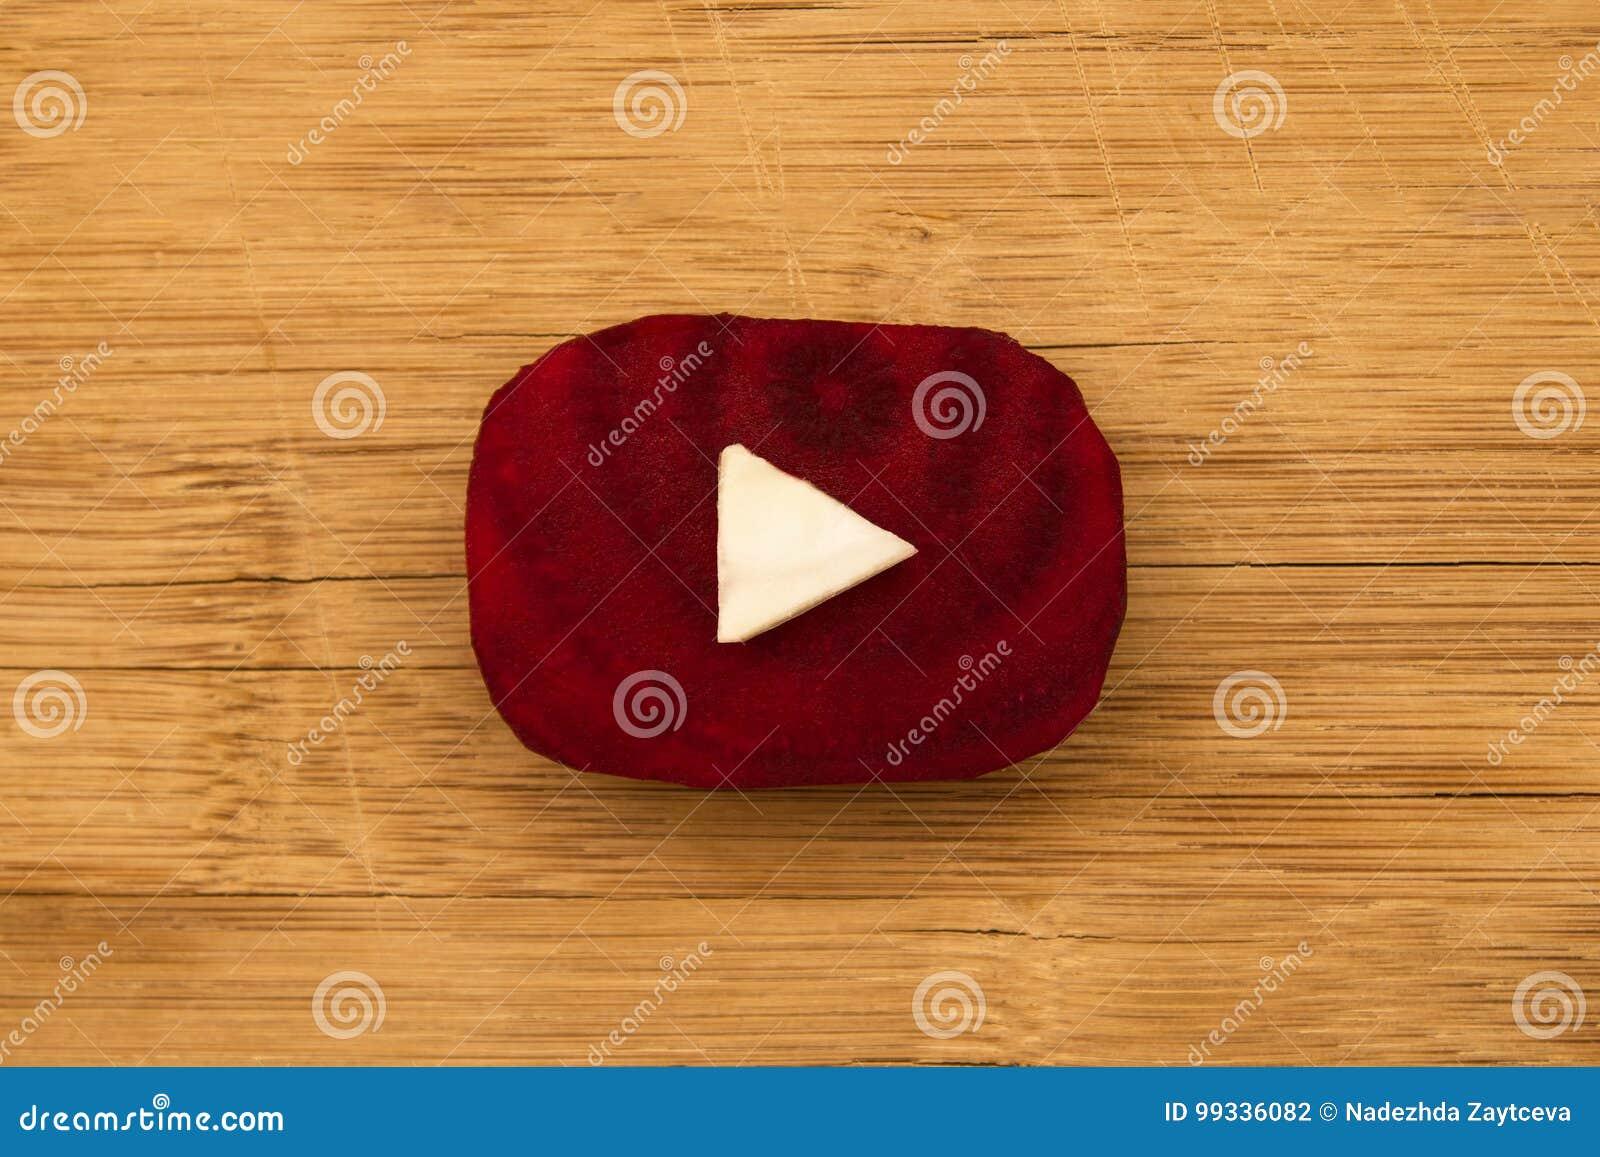 Логотип Youtube сделанный от частей бураков и капусты на деревянной предпосылке, взгляд сверху